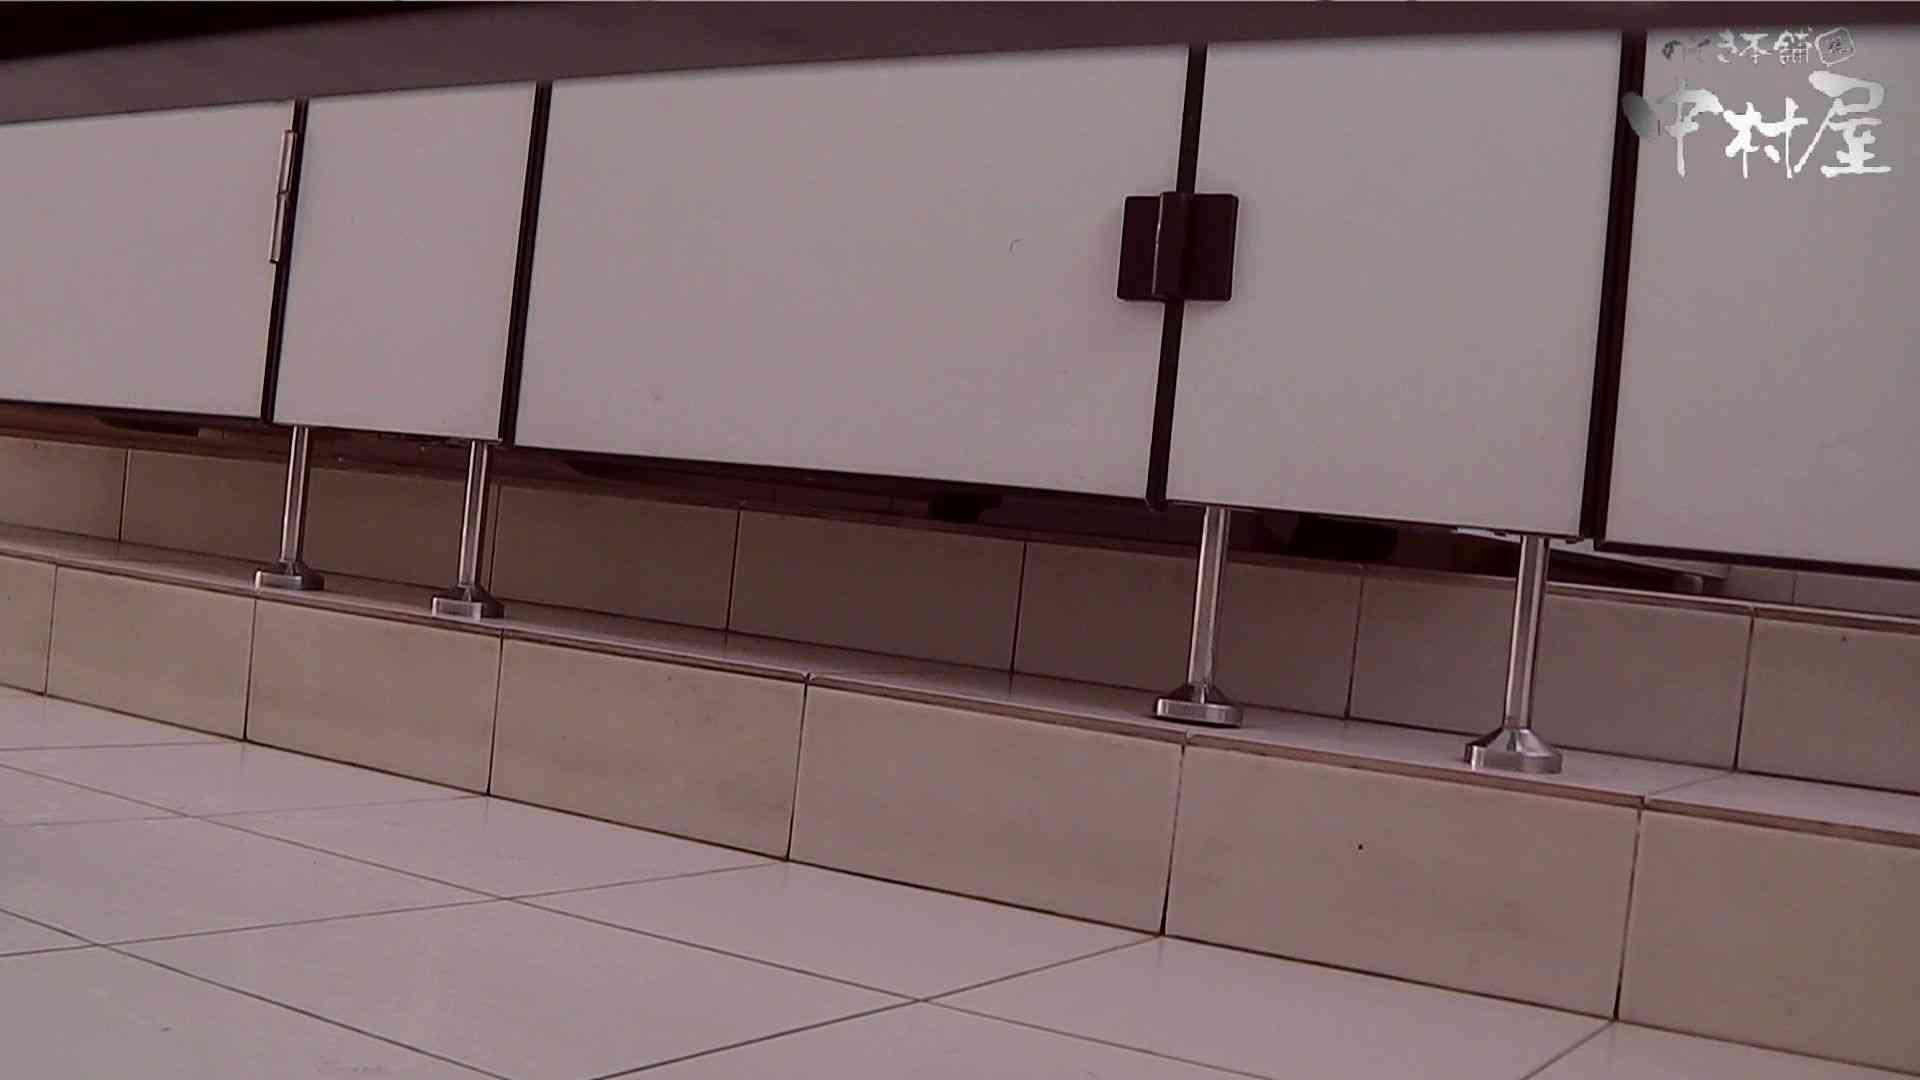 【世界の射窓から】世界の射窓から vol.4後編 OLエロ画像   洗面所  77PICs 67